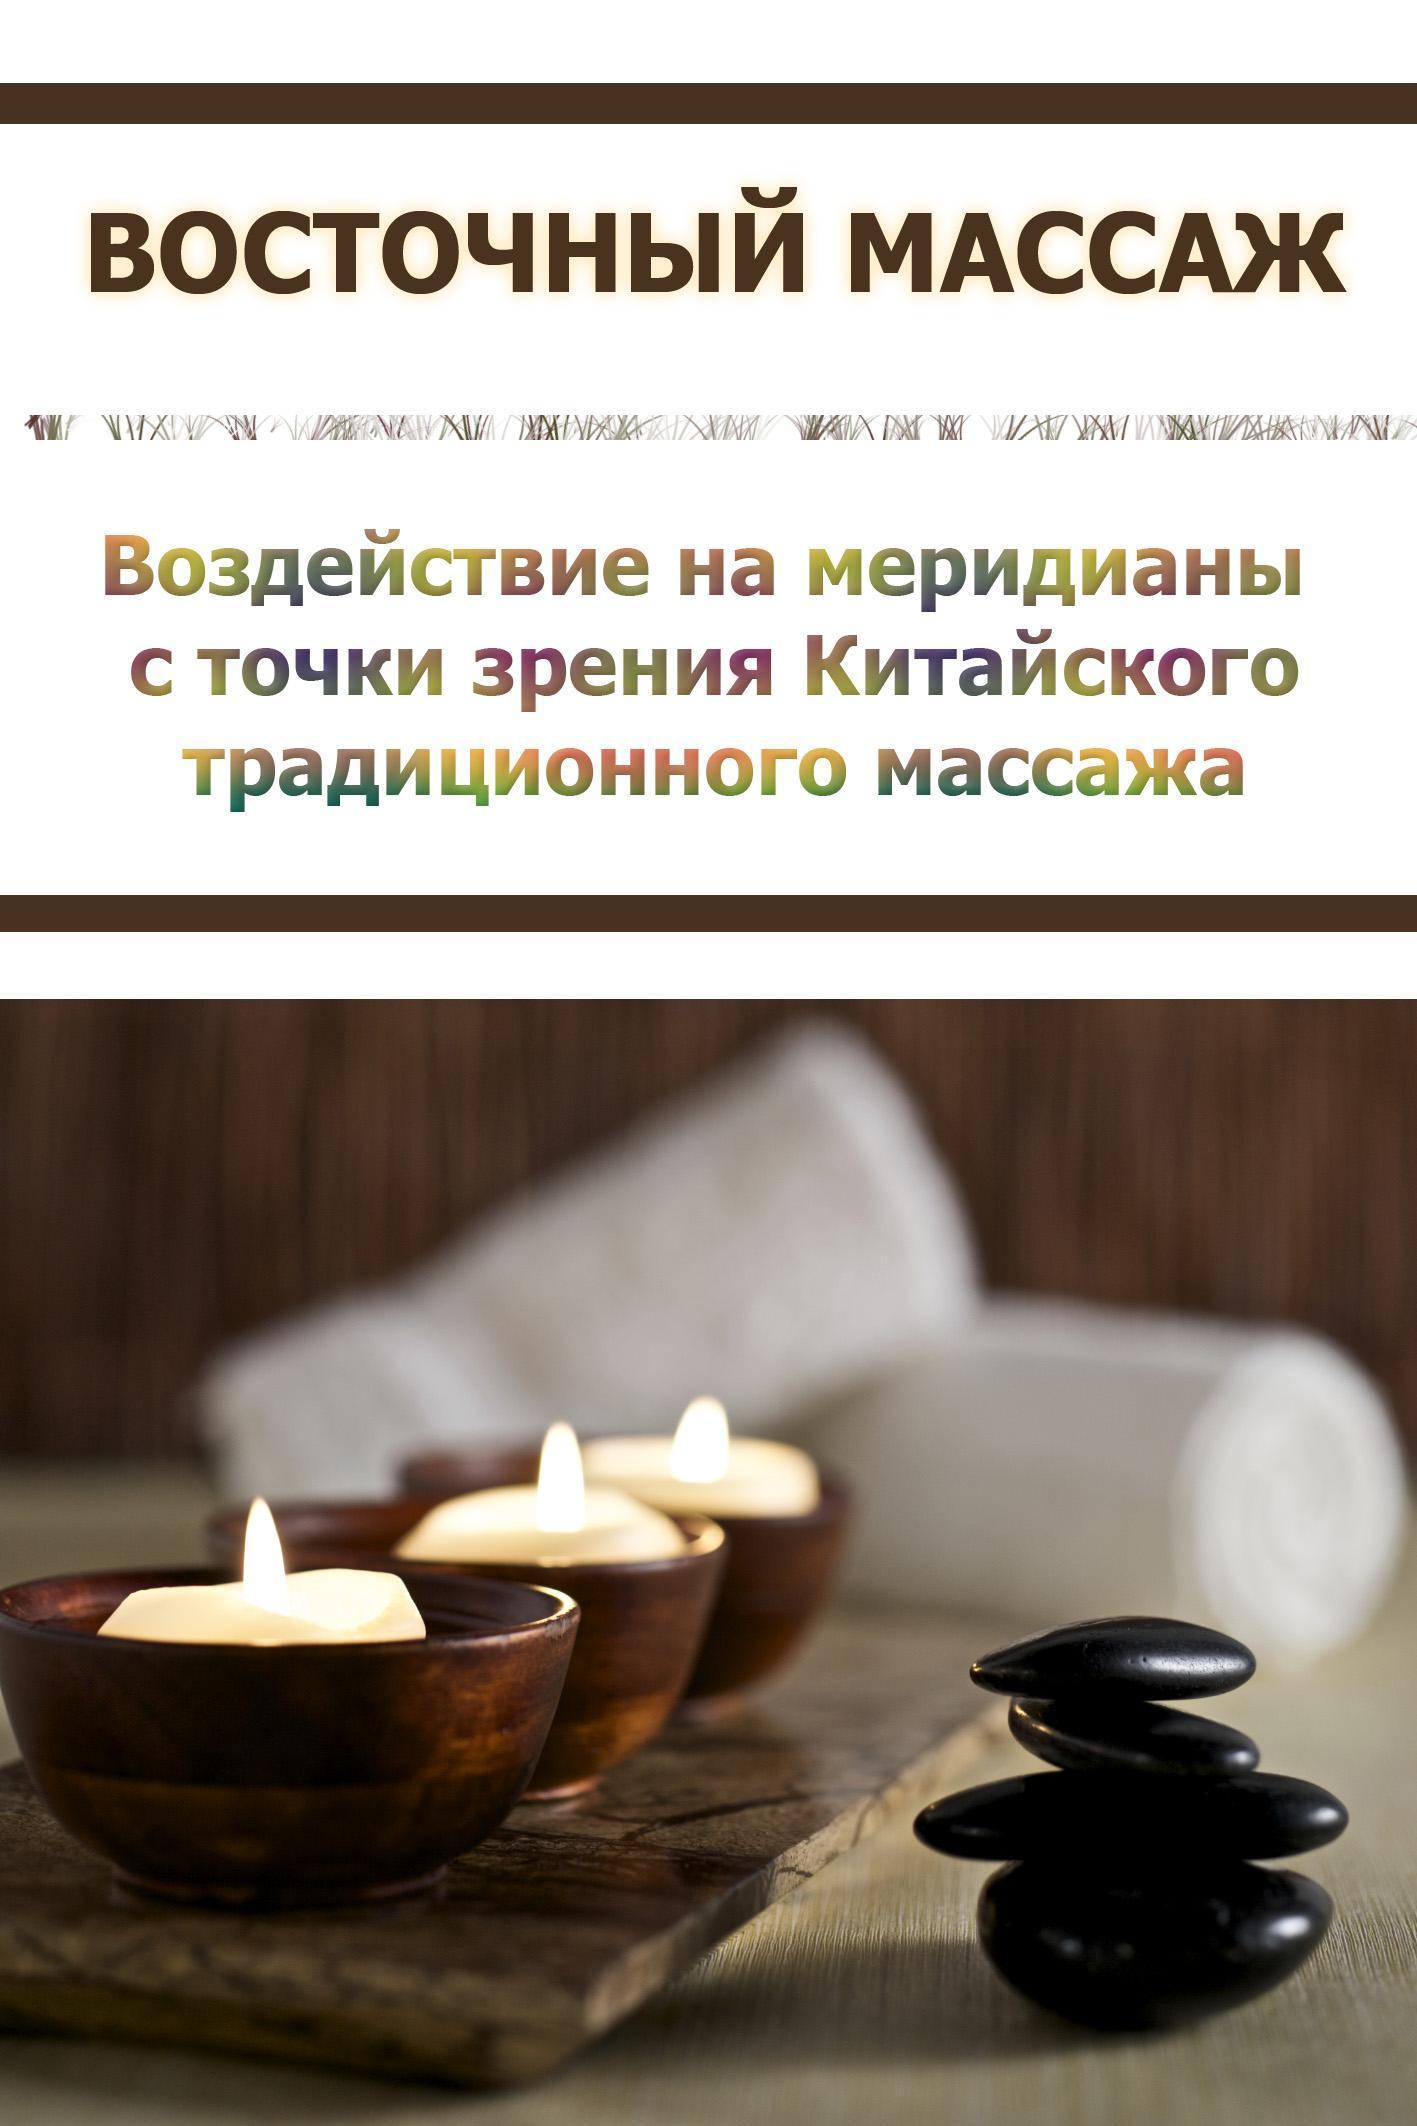 Илья Мельников Воздействие на меридианы с точки зрения Китаского традиционного массажа илья мельников жизненные меридианы и воздействие на них в китайском традиционном массаже